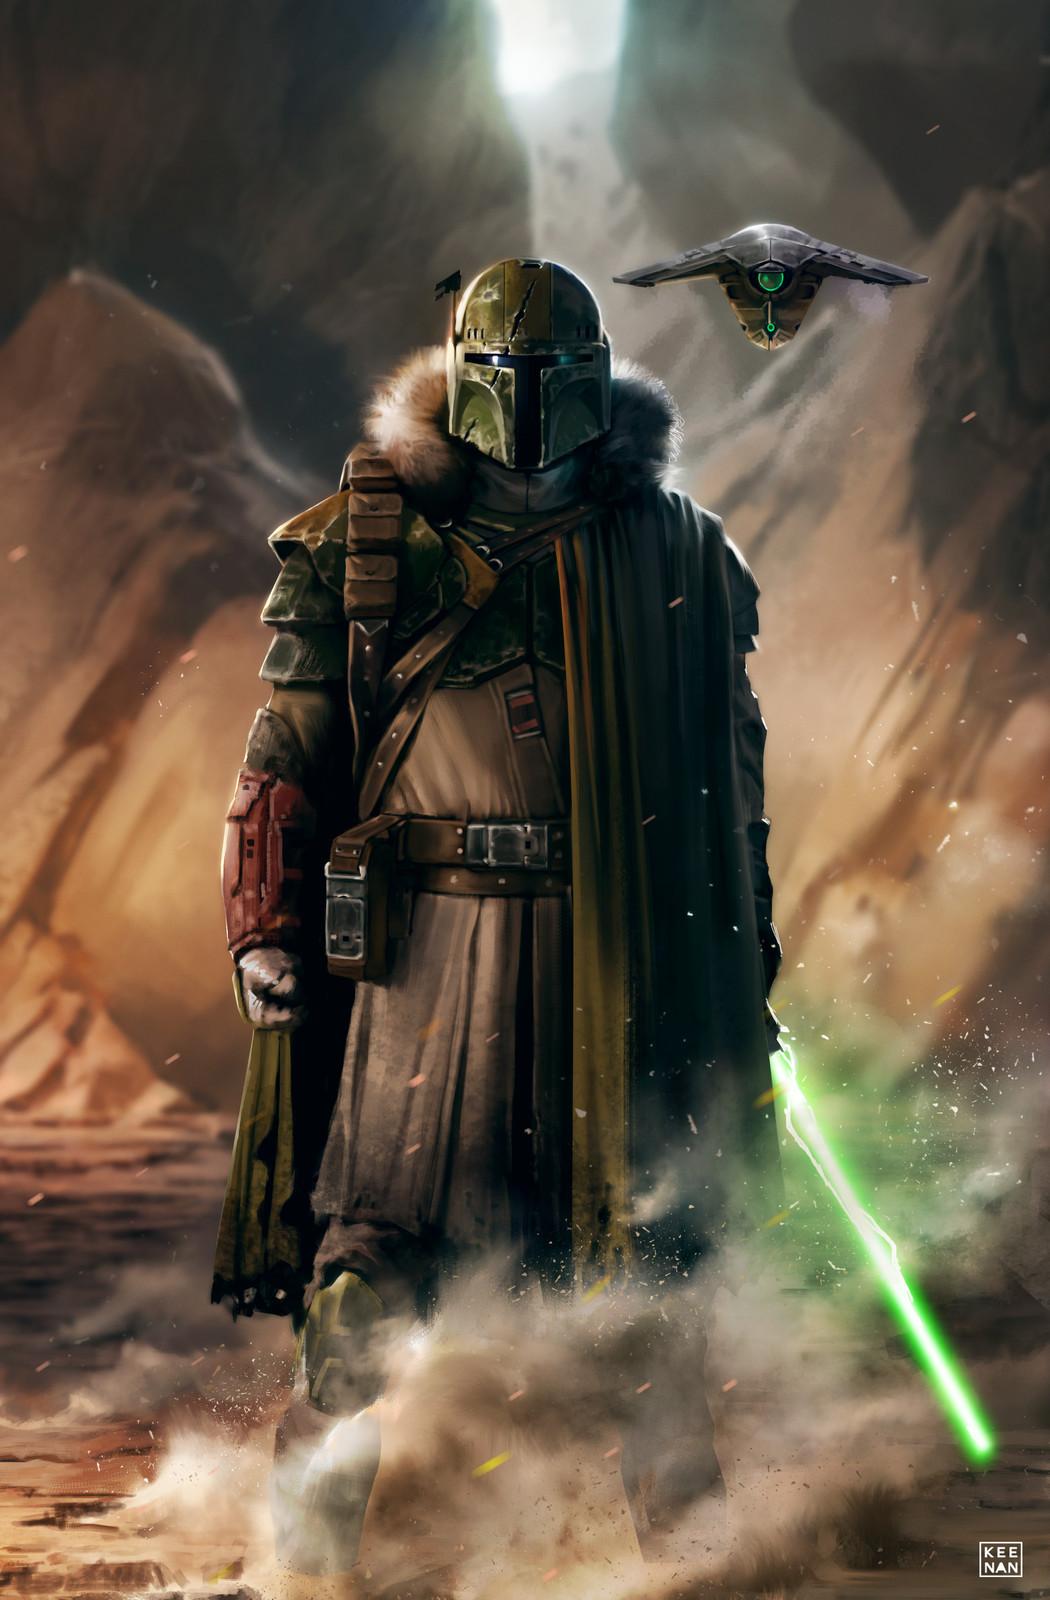 Jedi Fett & The Smoke Pits